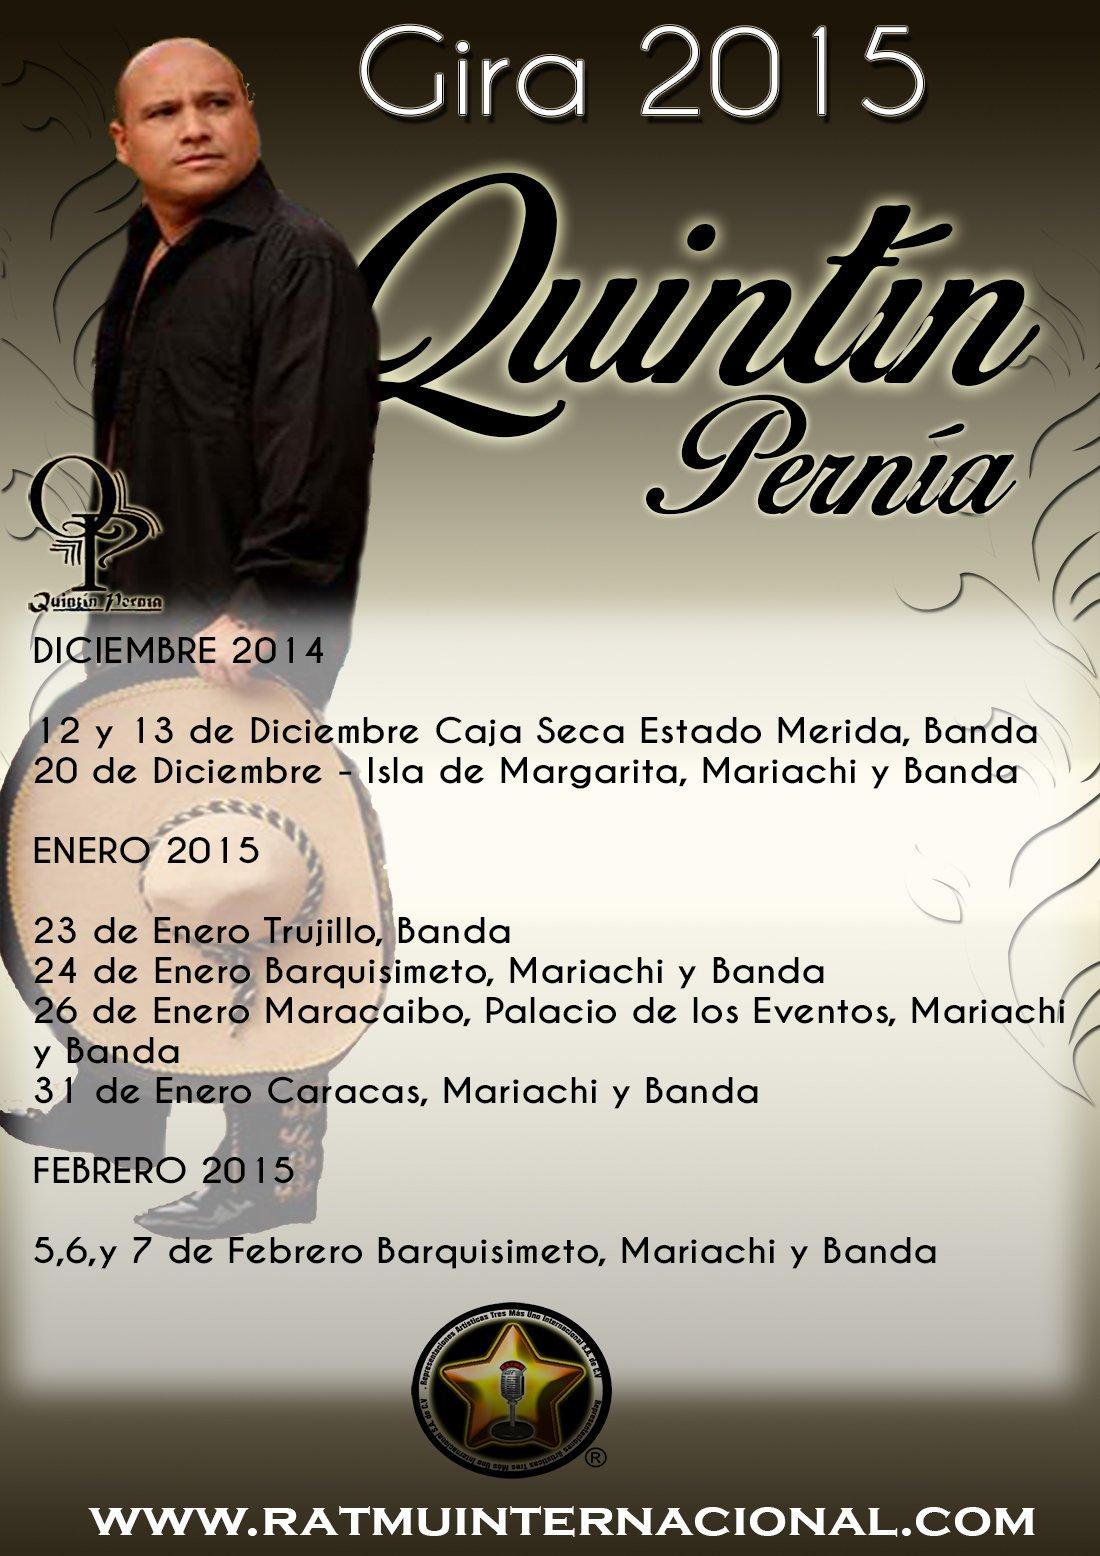 Gira 2014 Quintín Pernía